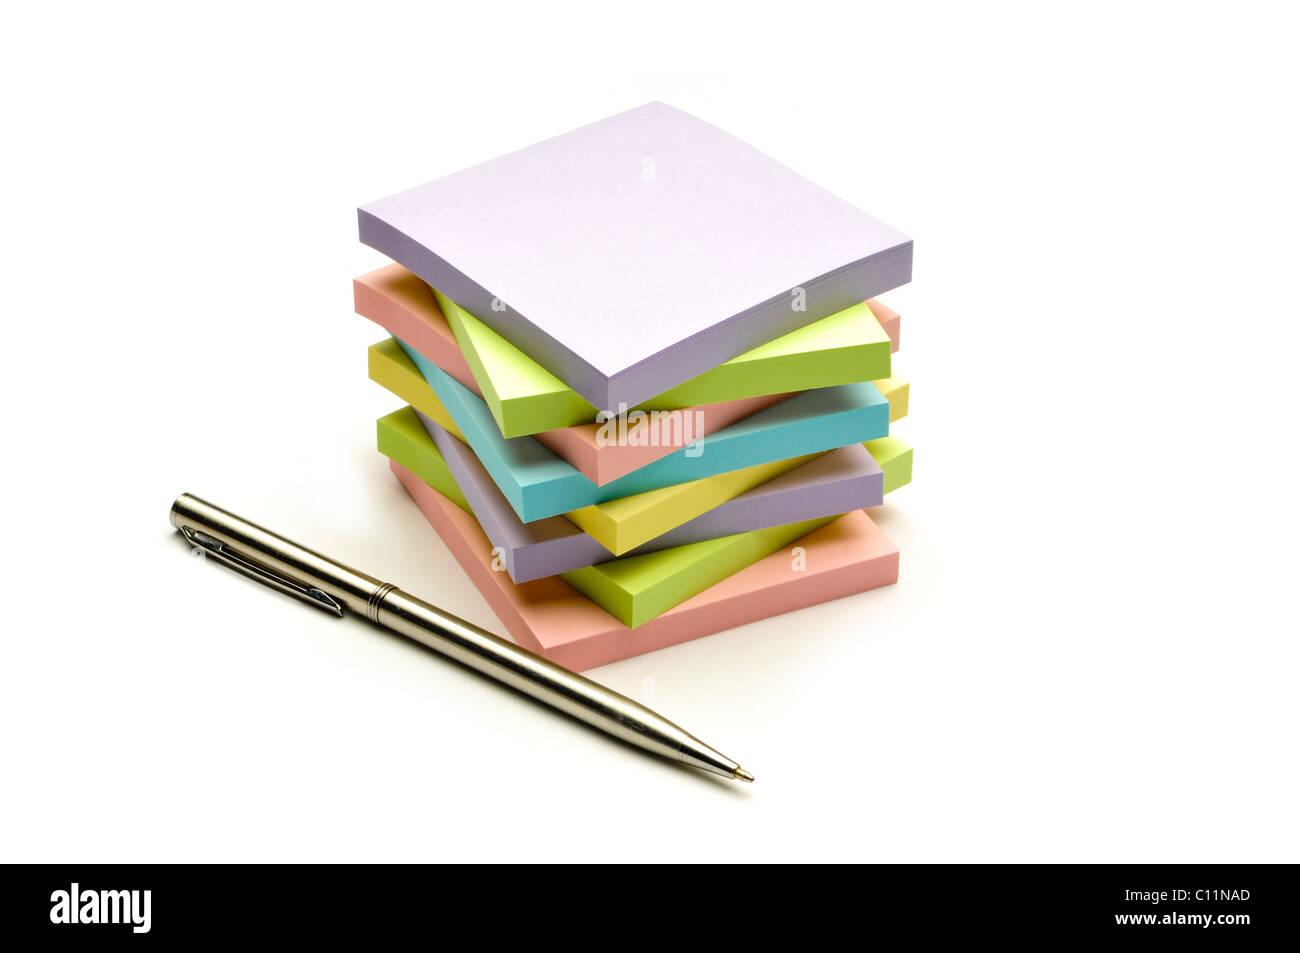 Pile de papiers colorés remarque Photo Stock